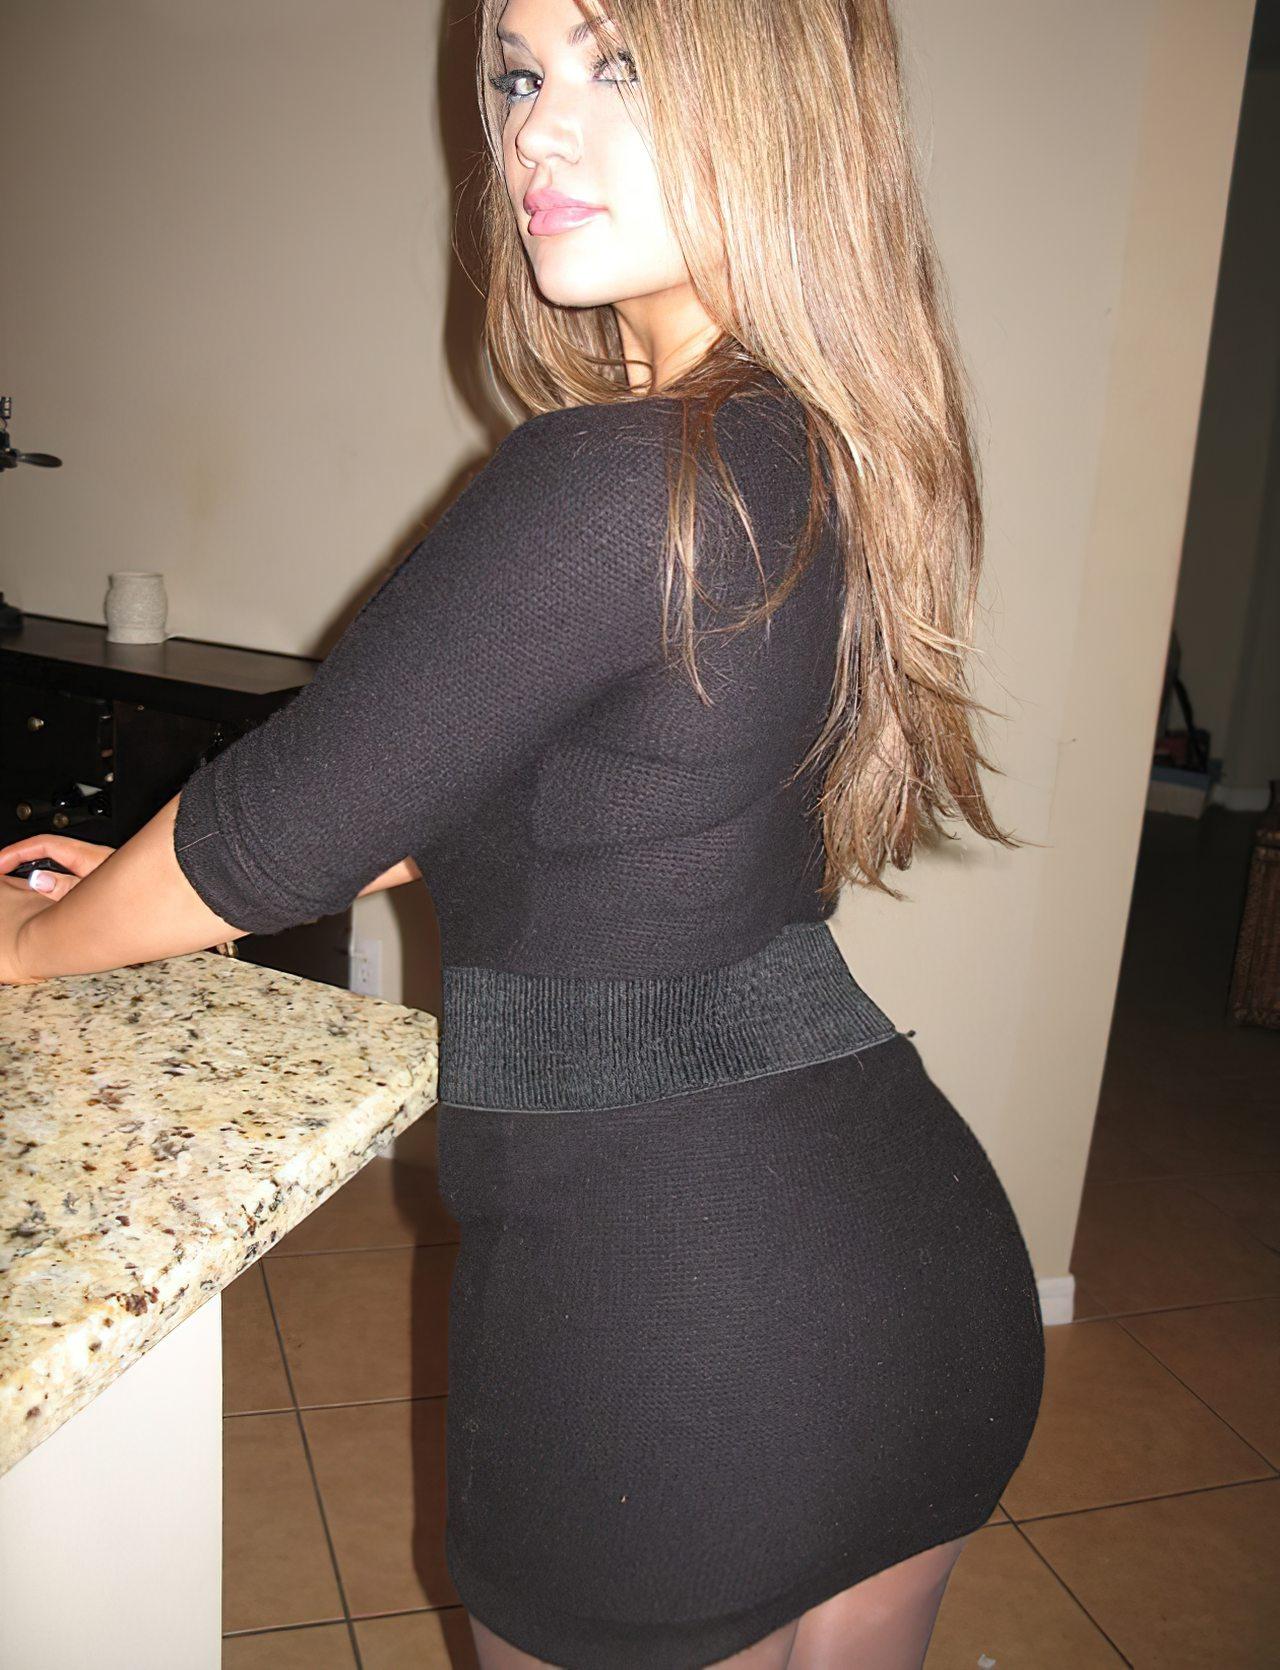 Namorada Safadinha (4)